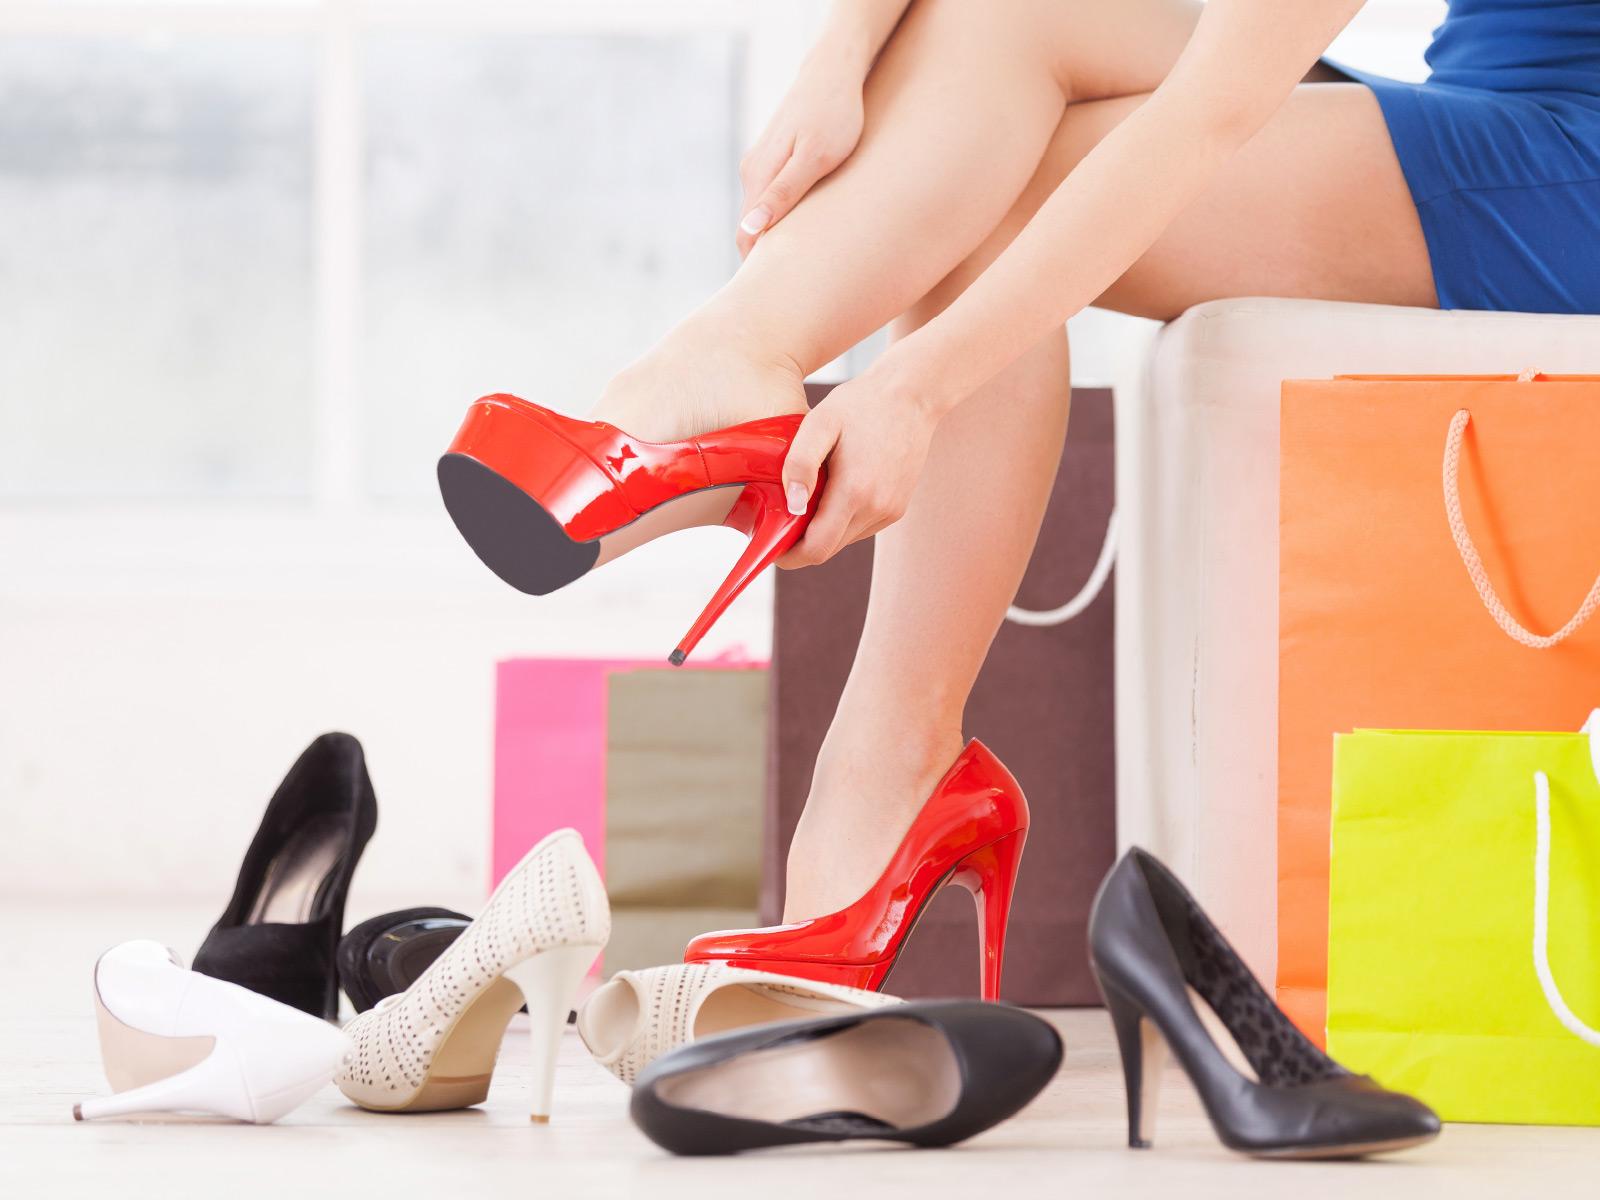 Estrategia digital para empresas del calzado, confección textil y complementos de moda